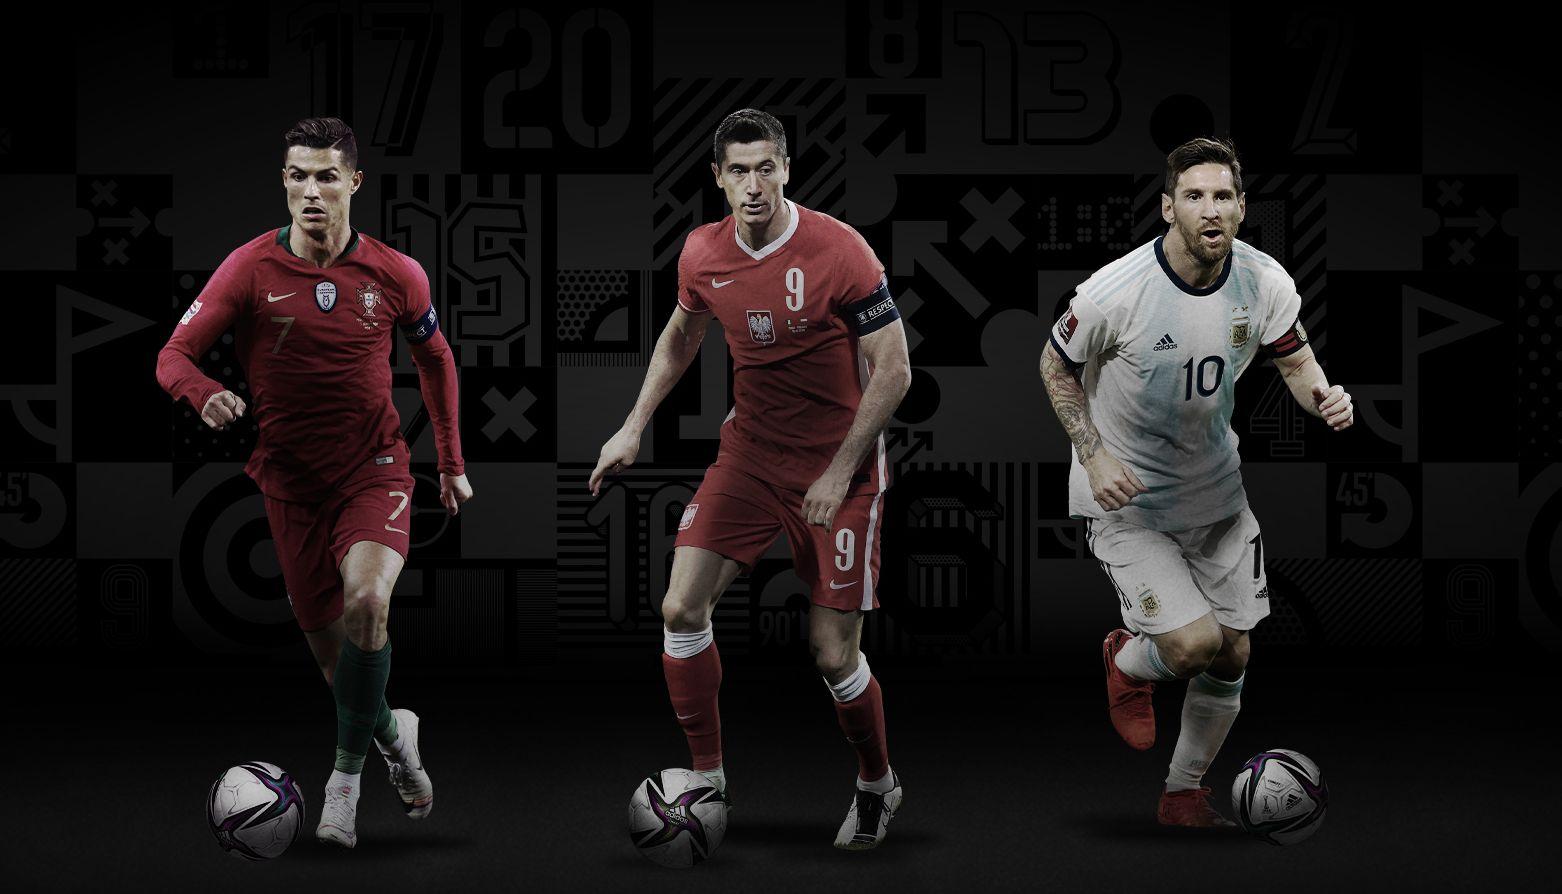 Messi, Cristiano Ronaldo e Lewandowski são os finalistas do prêmio The Best. Foto: Divulgação